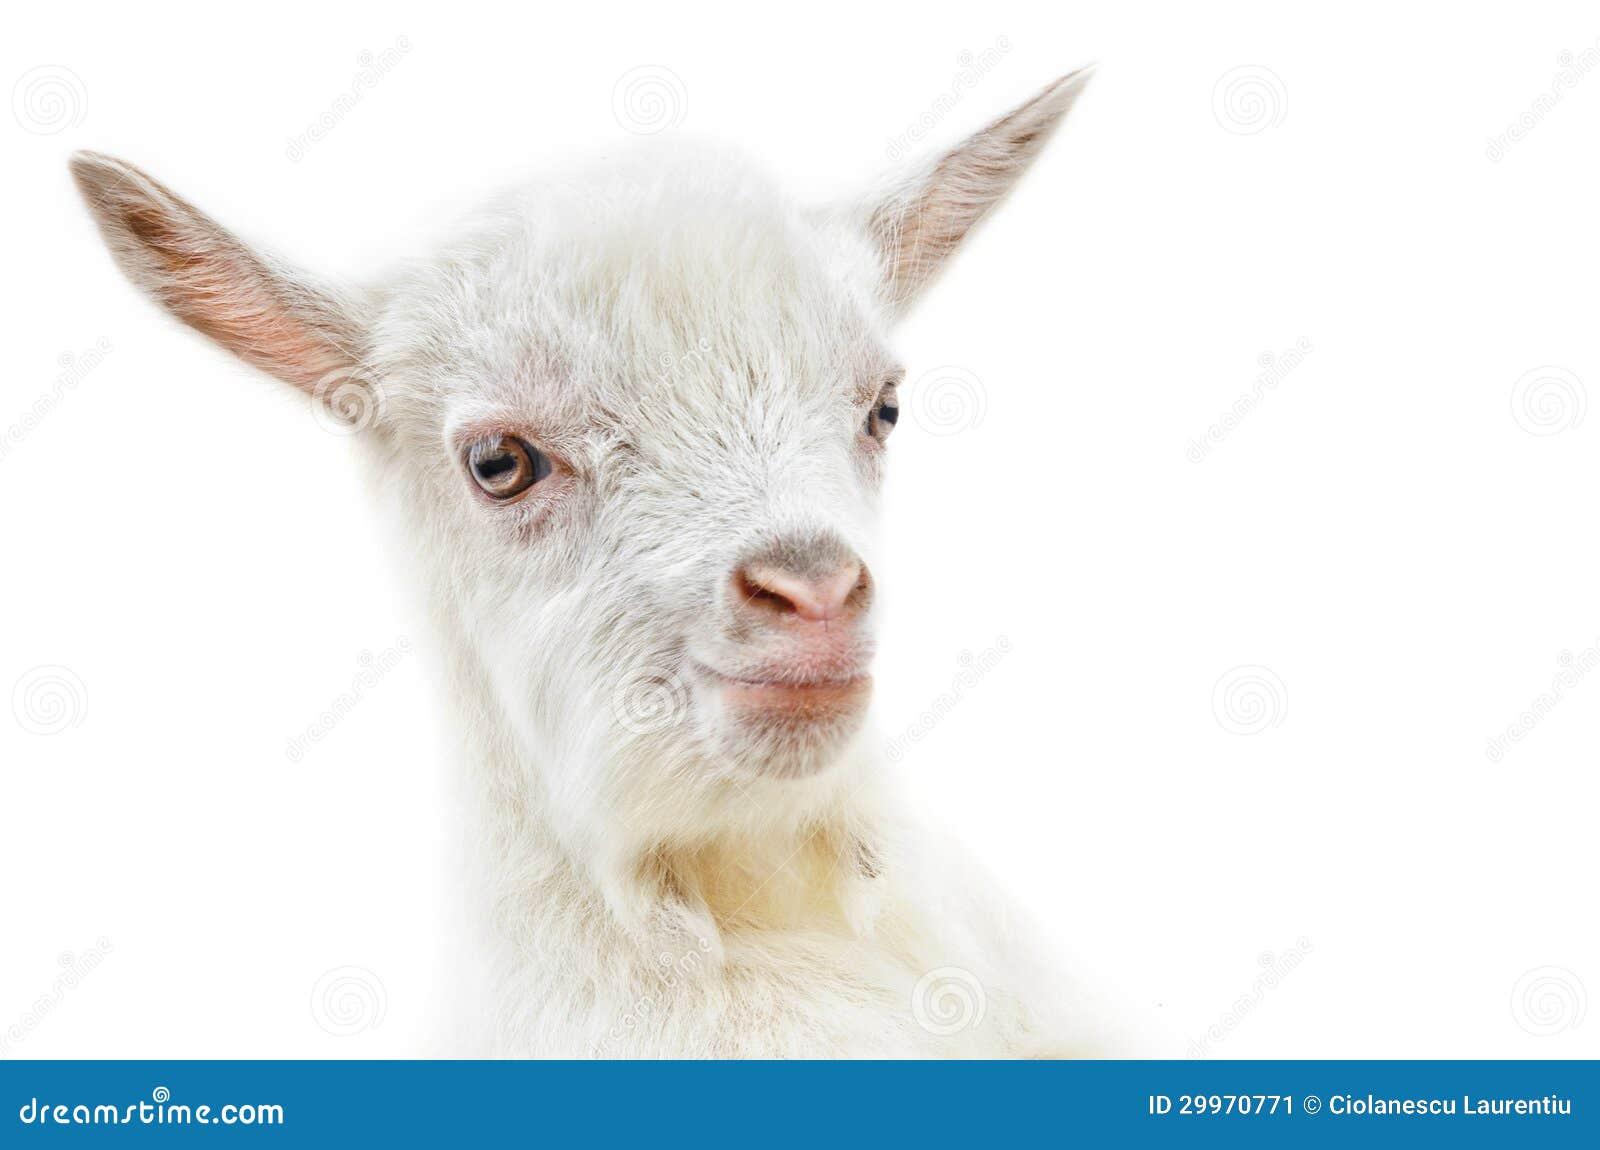 White Baby Goat Stock Image - Image: 29970771 One Goat White Background